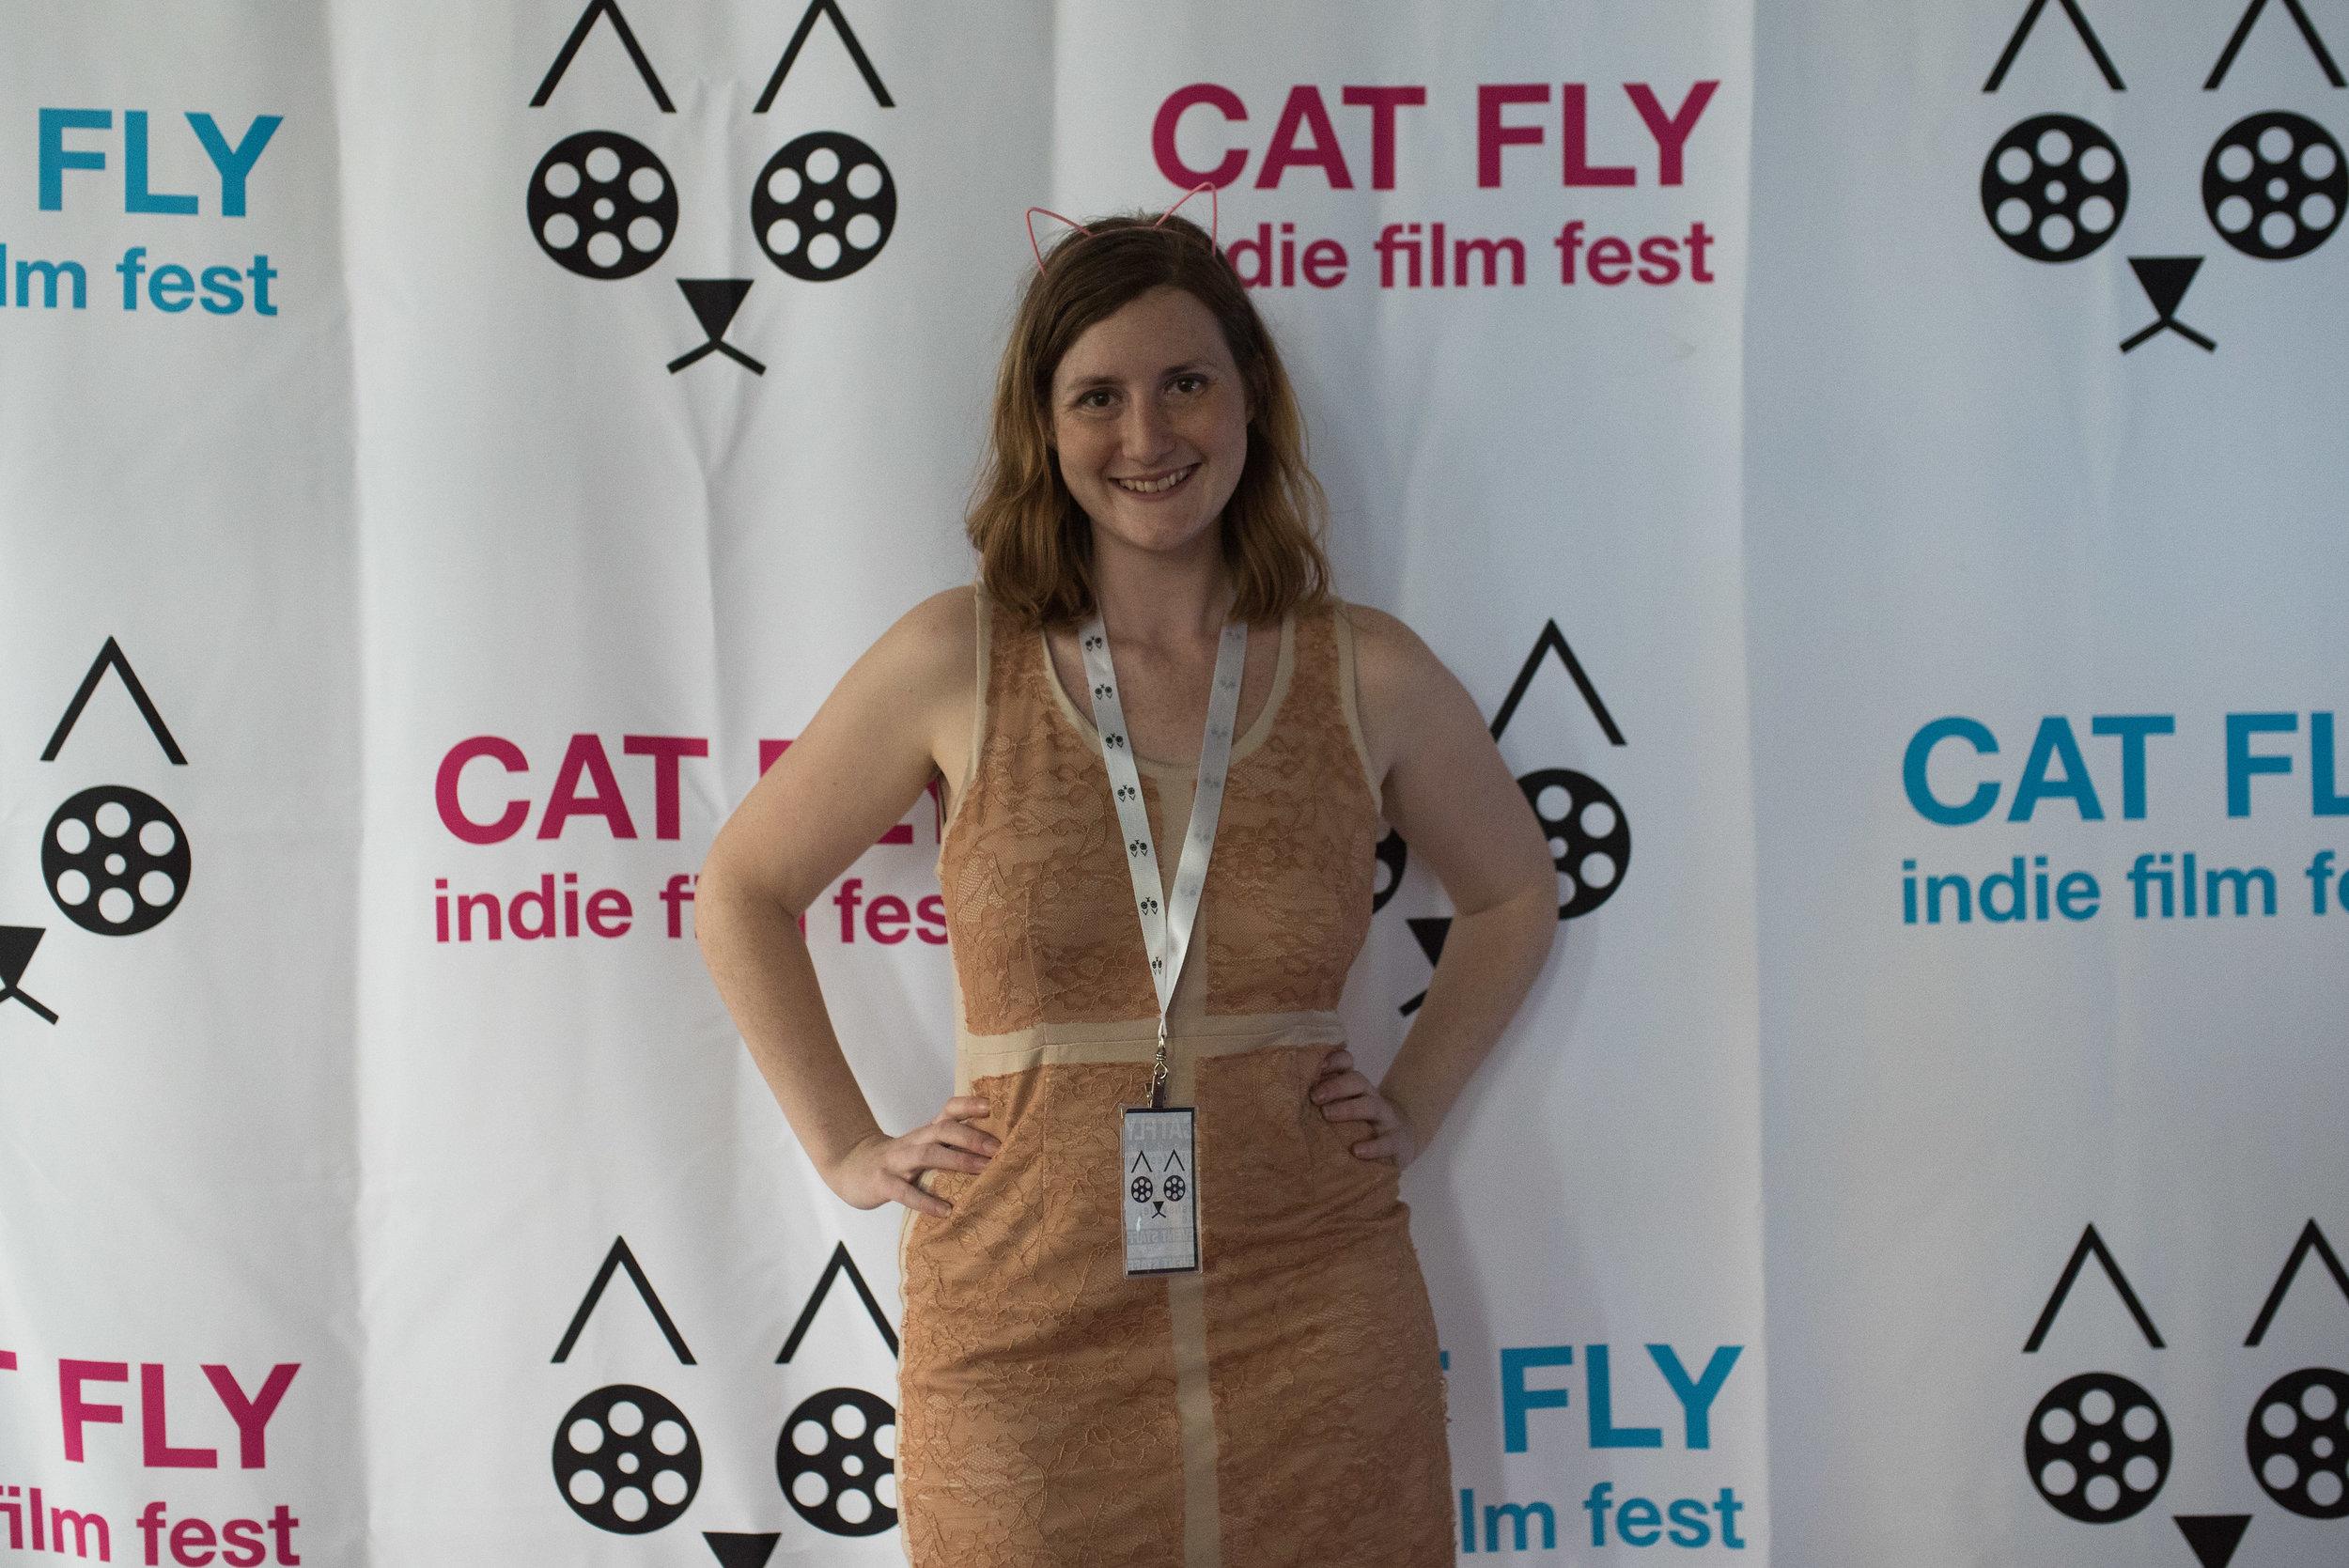 catFly-43.jpg